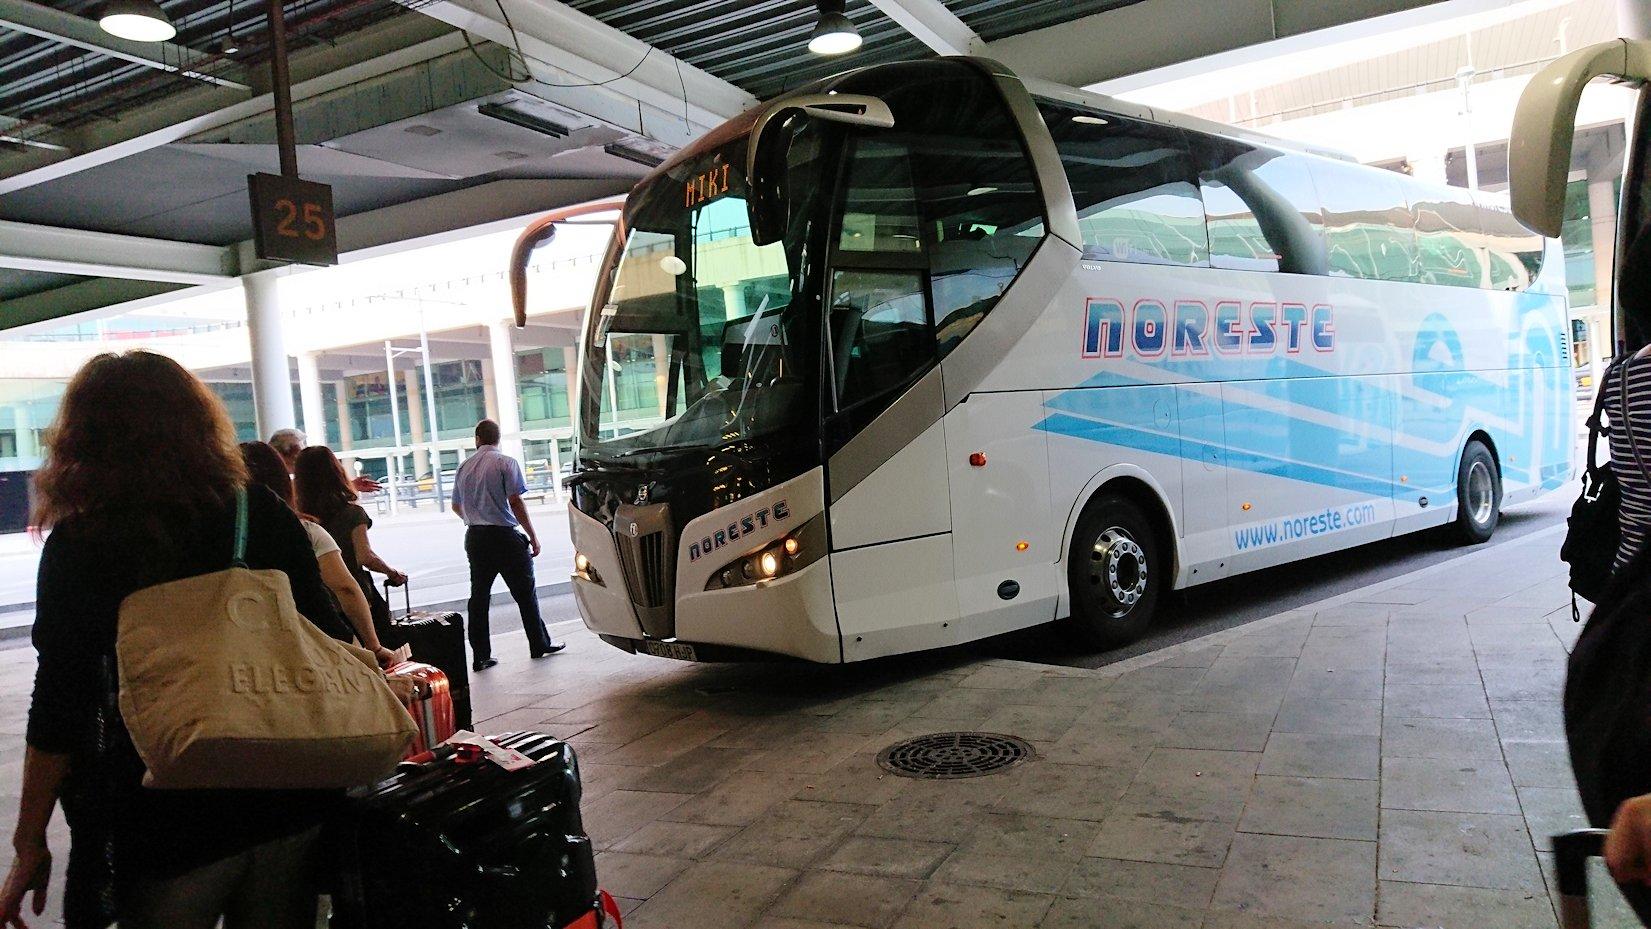 スペイン旅行 バルセロナ空港 日本旅行